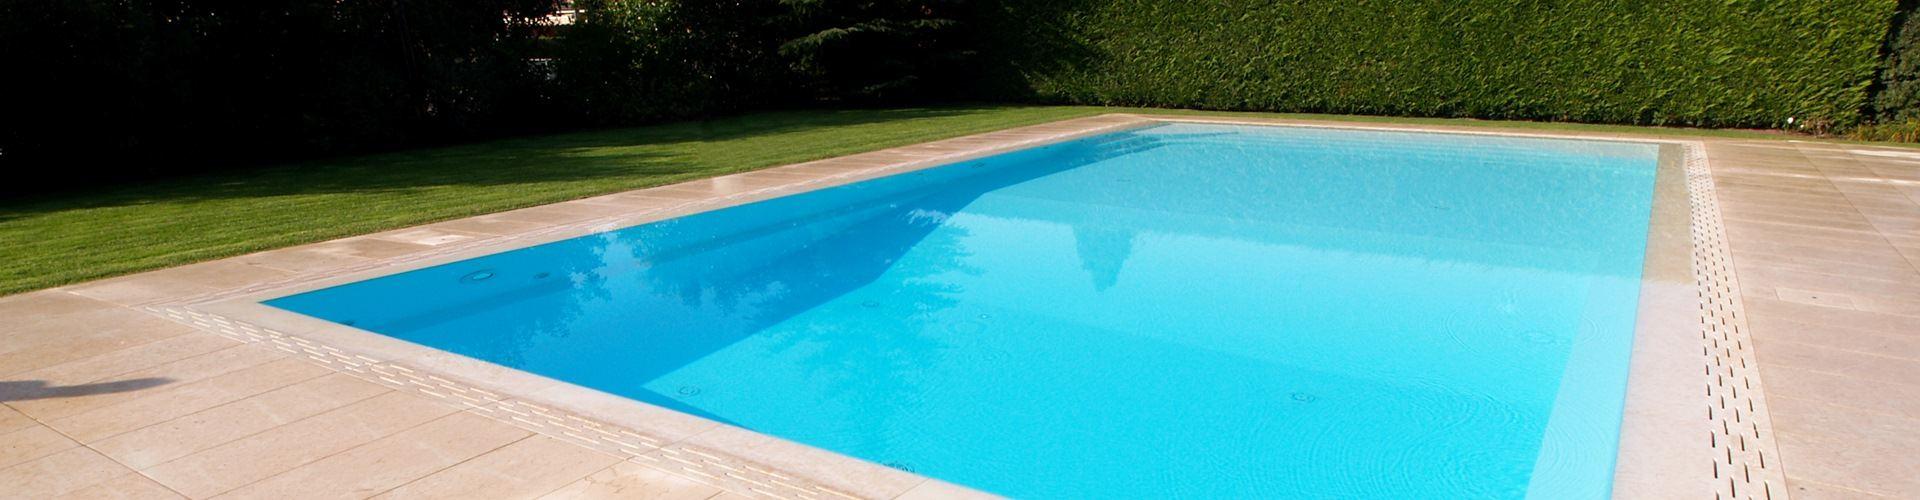 Costruzione piscine brescia bs costruzione piscine - Costruzione piscine brescia ...